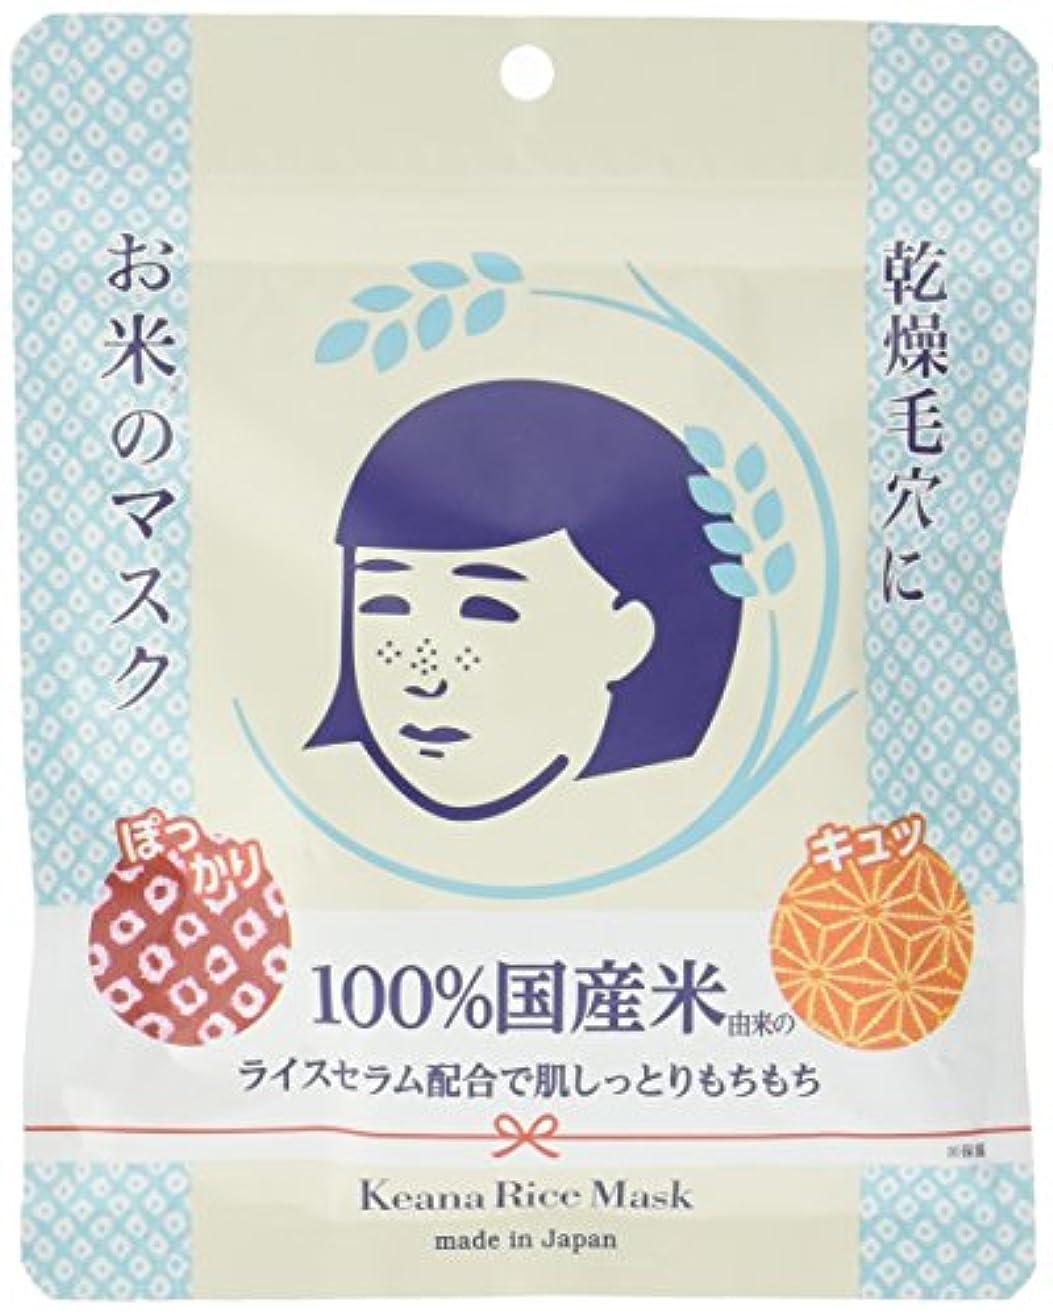 貴重な添加剤罰する毛穴撫子 お米のマスク 10枚入